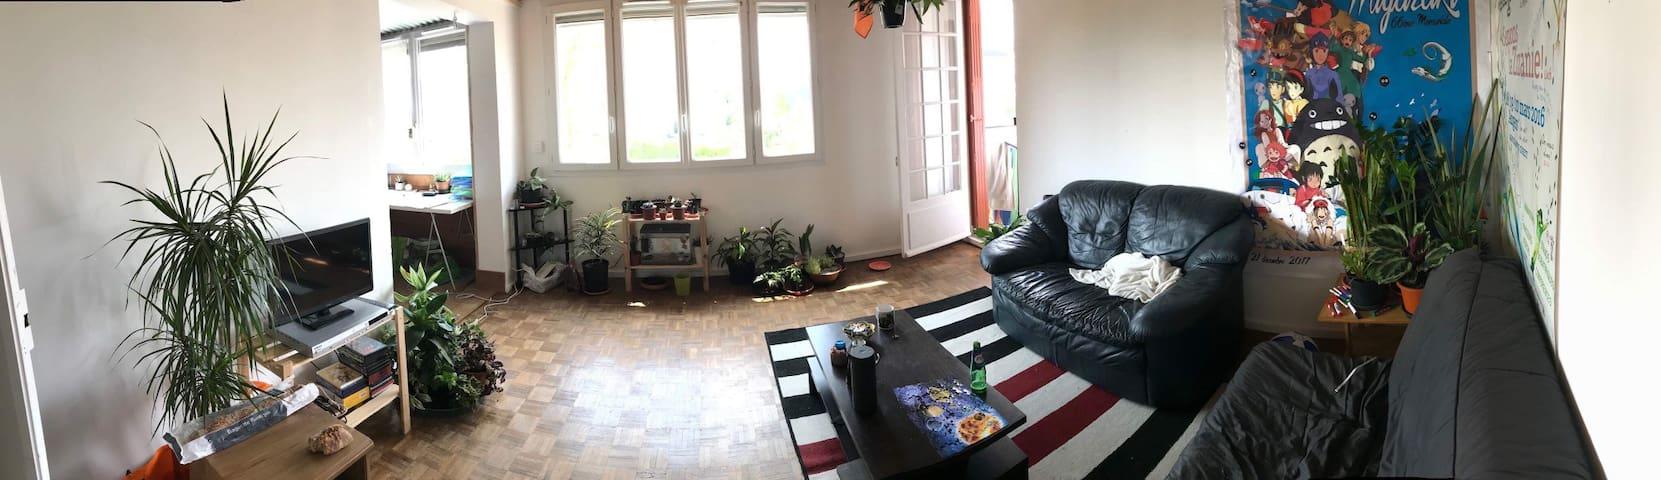 Appartement cosy proche des parcs et du centre